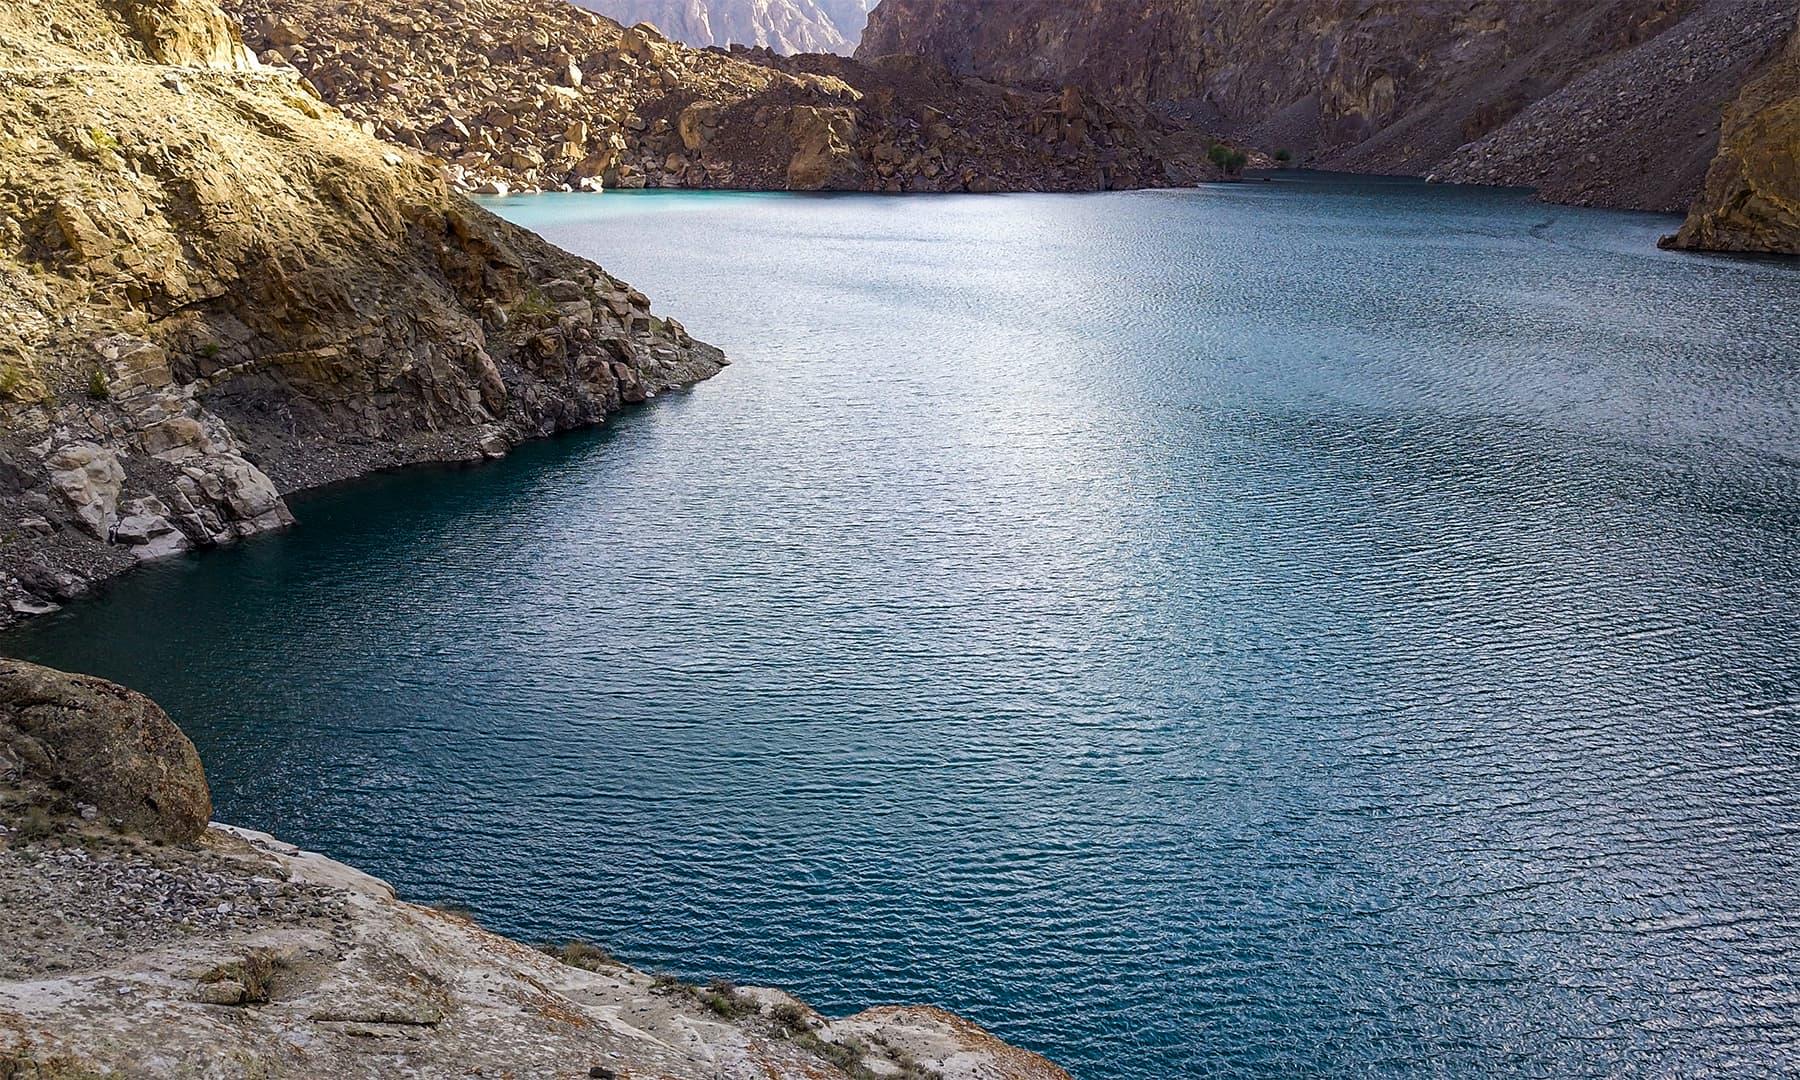 جھیل کی کل لمبائی سوا کلومیٹر ہے